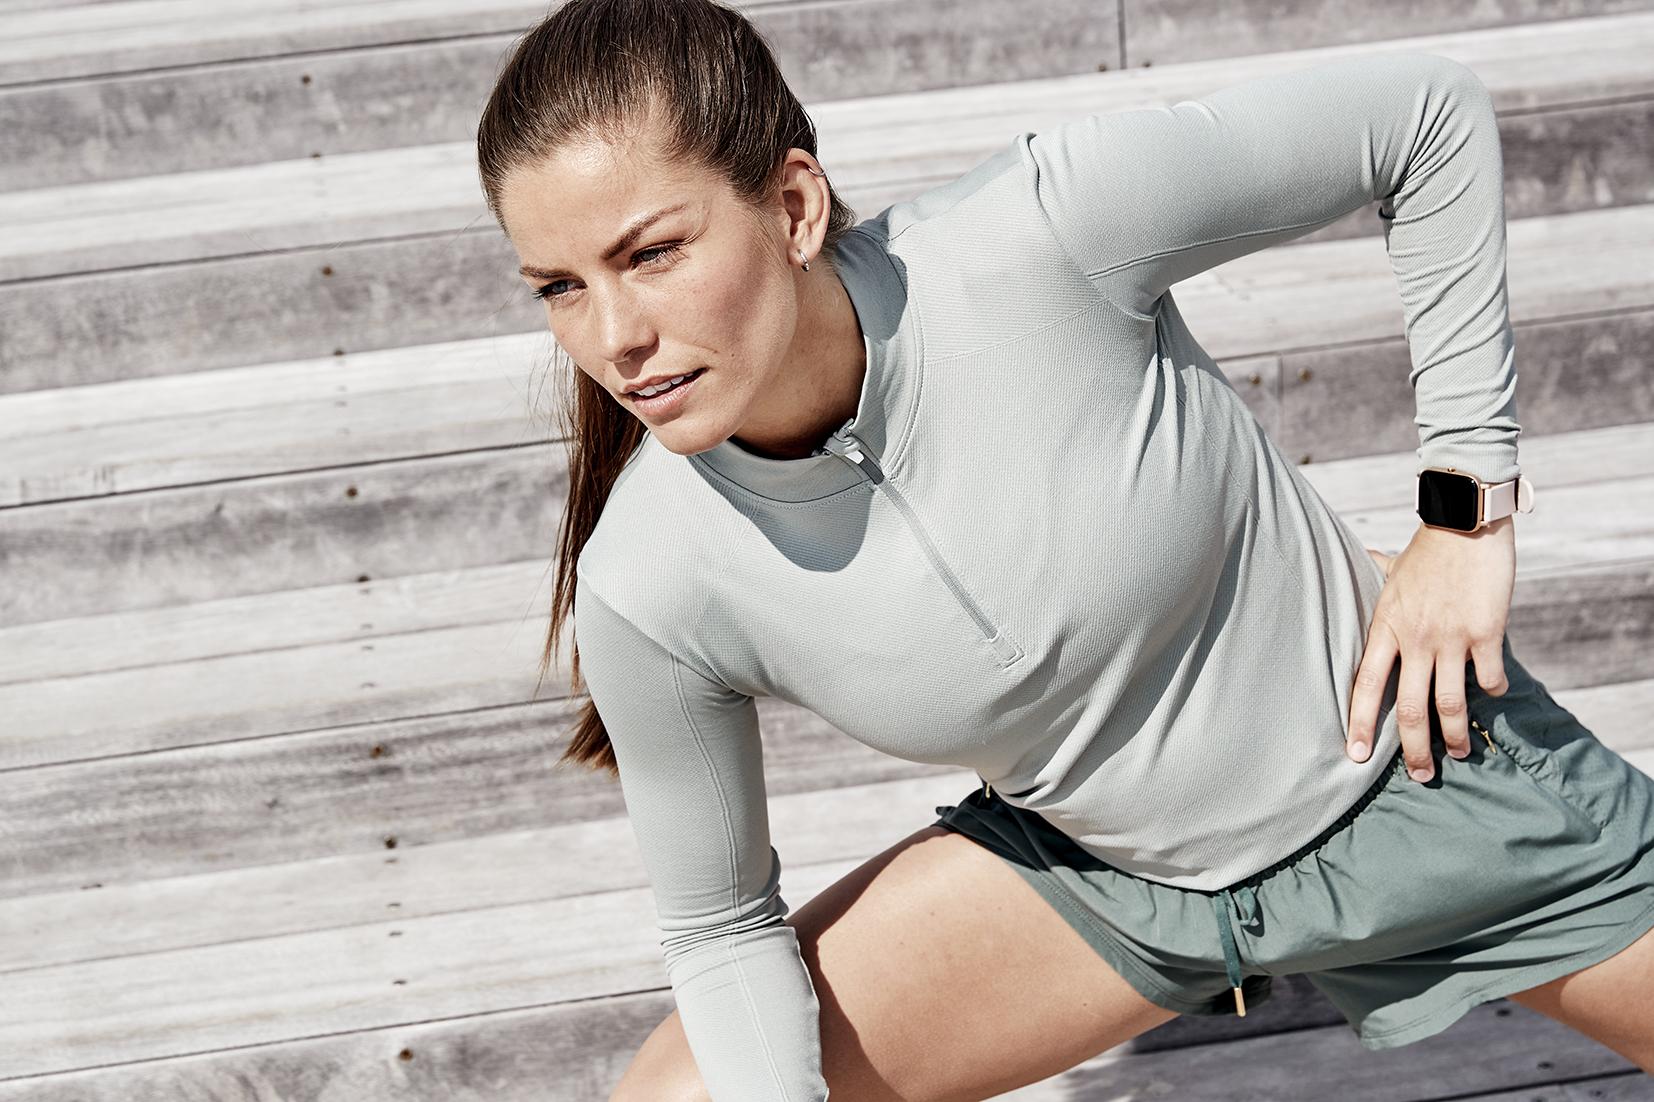 Læs nyheden: Therése som skarp træning- og sportsmodel for Endurance